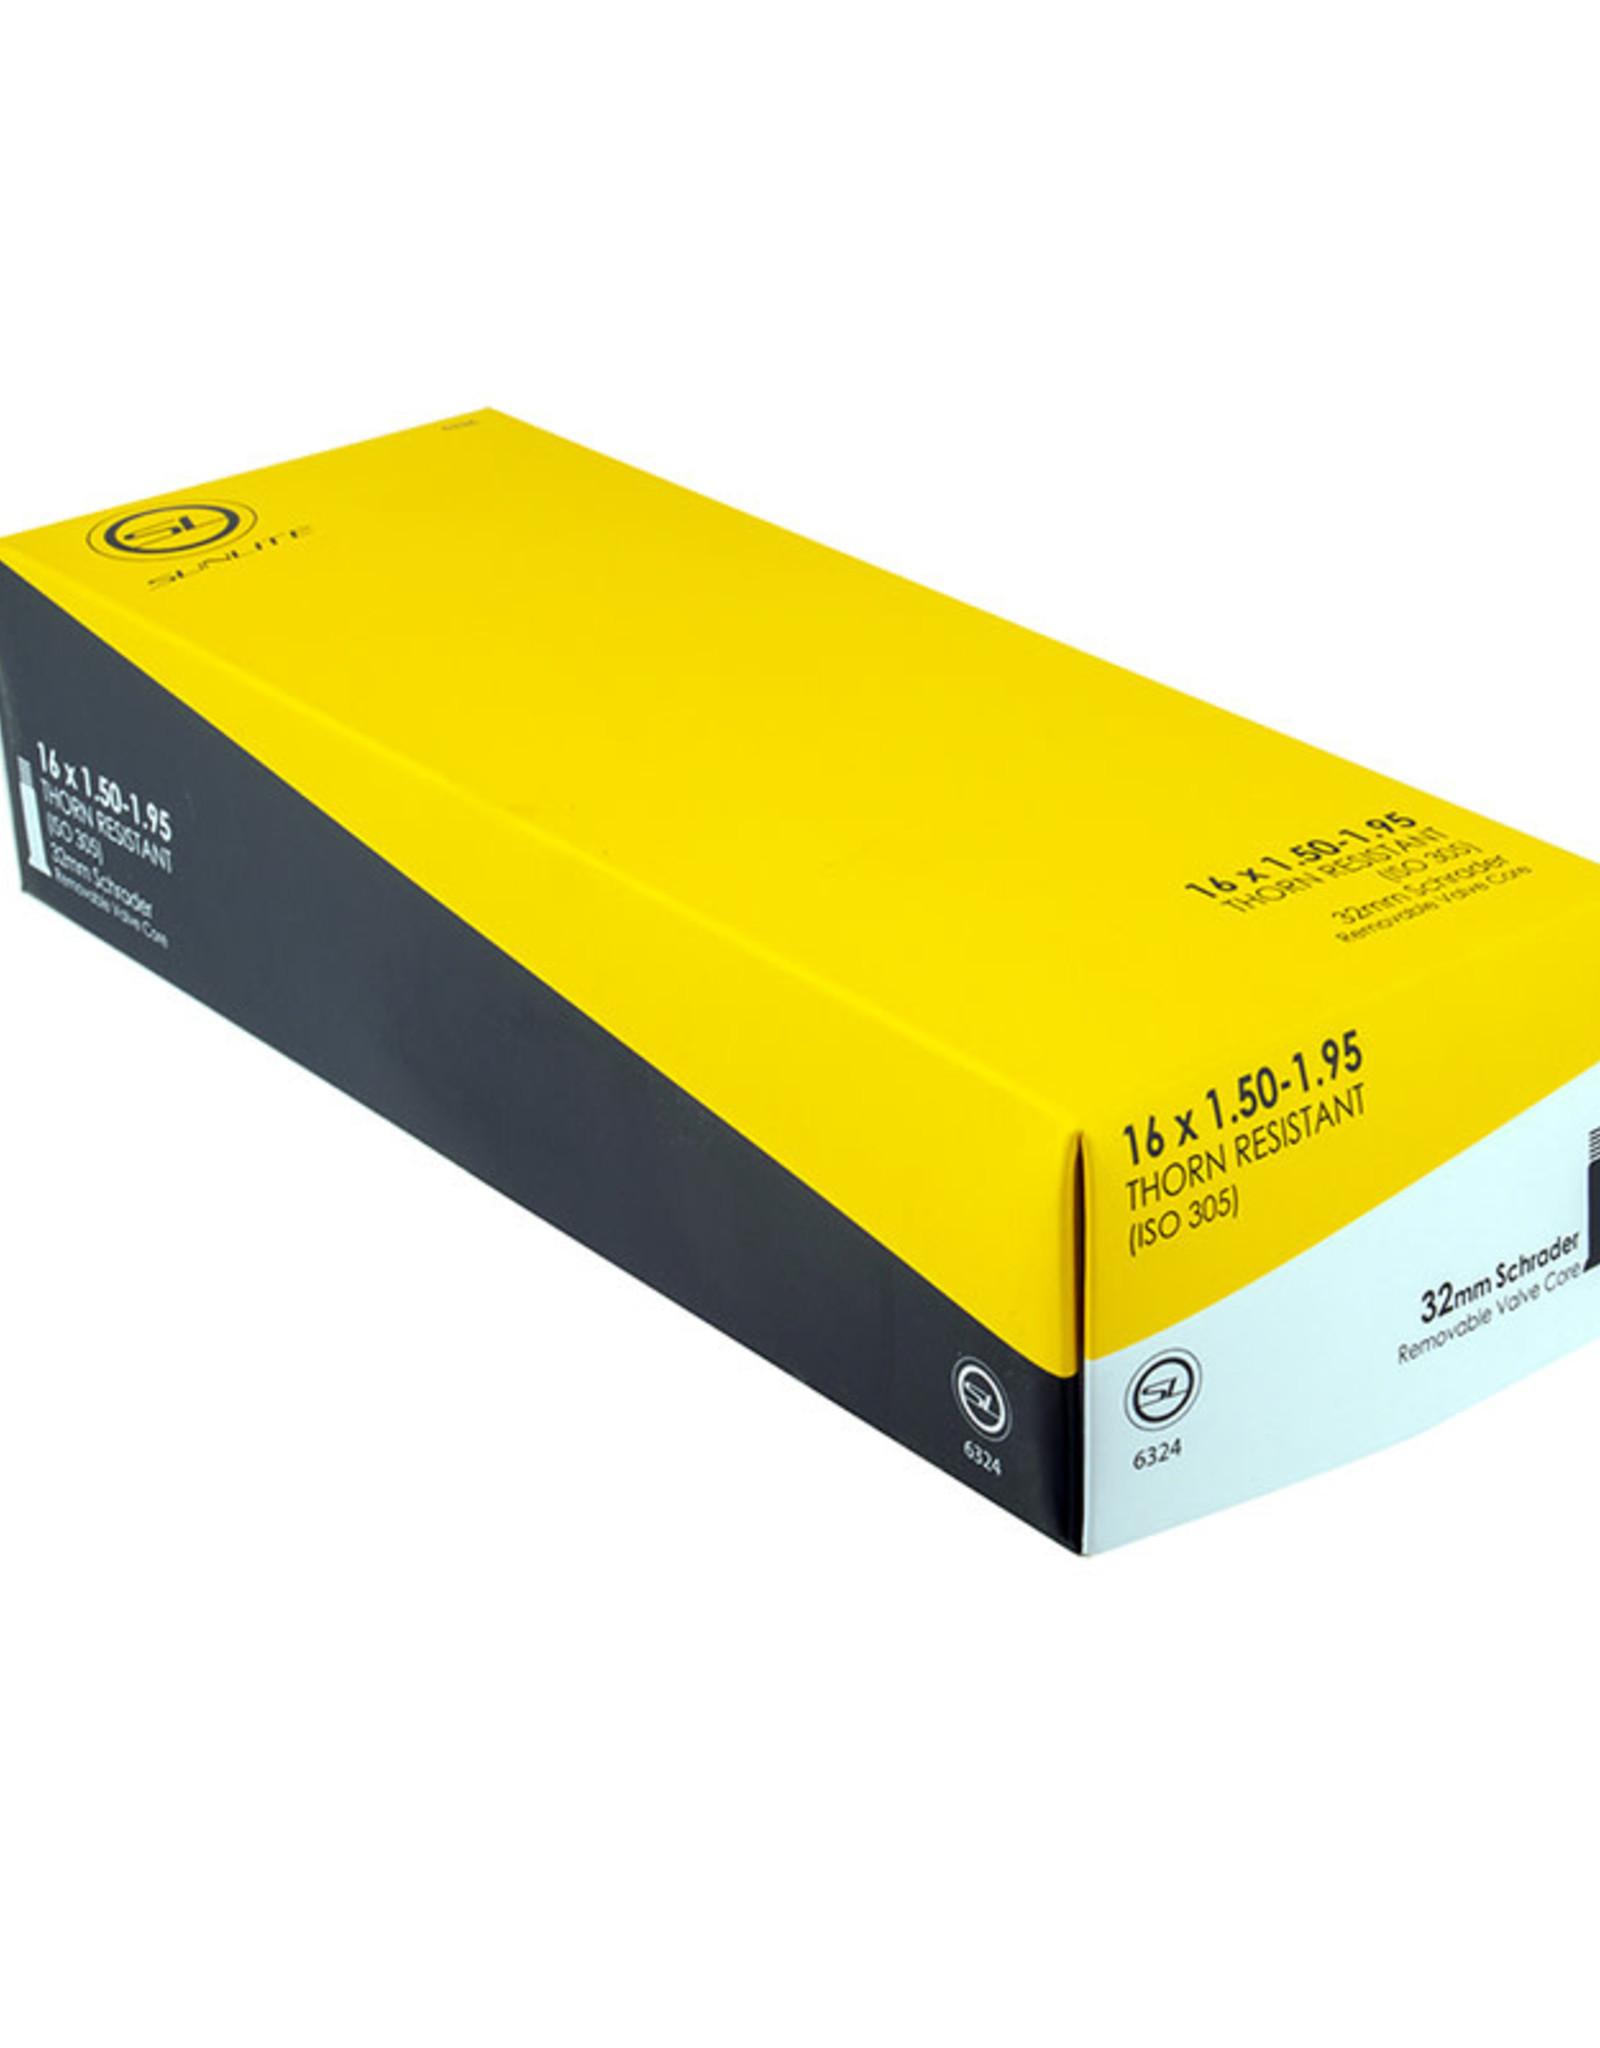 Sunlite Thorn Resistant TUBE 16x1.50-1.95 SV